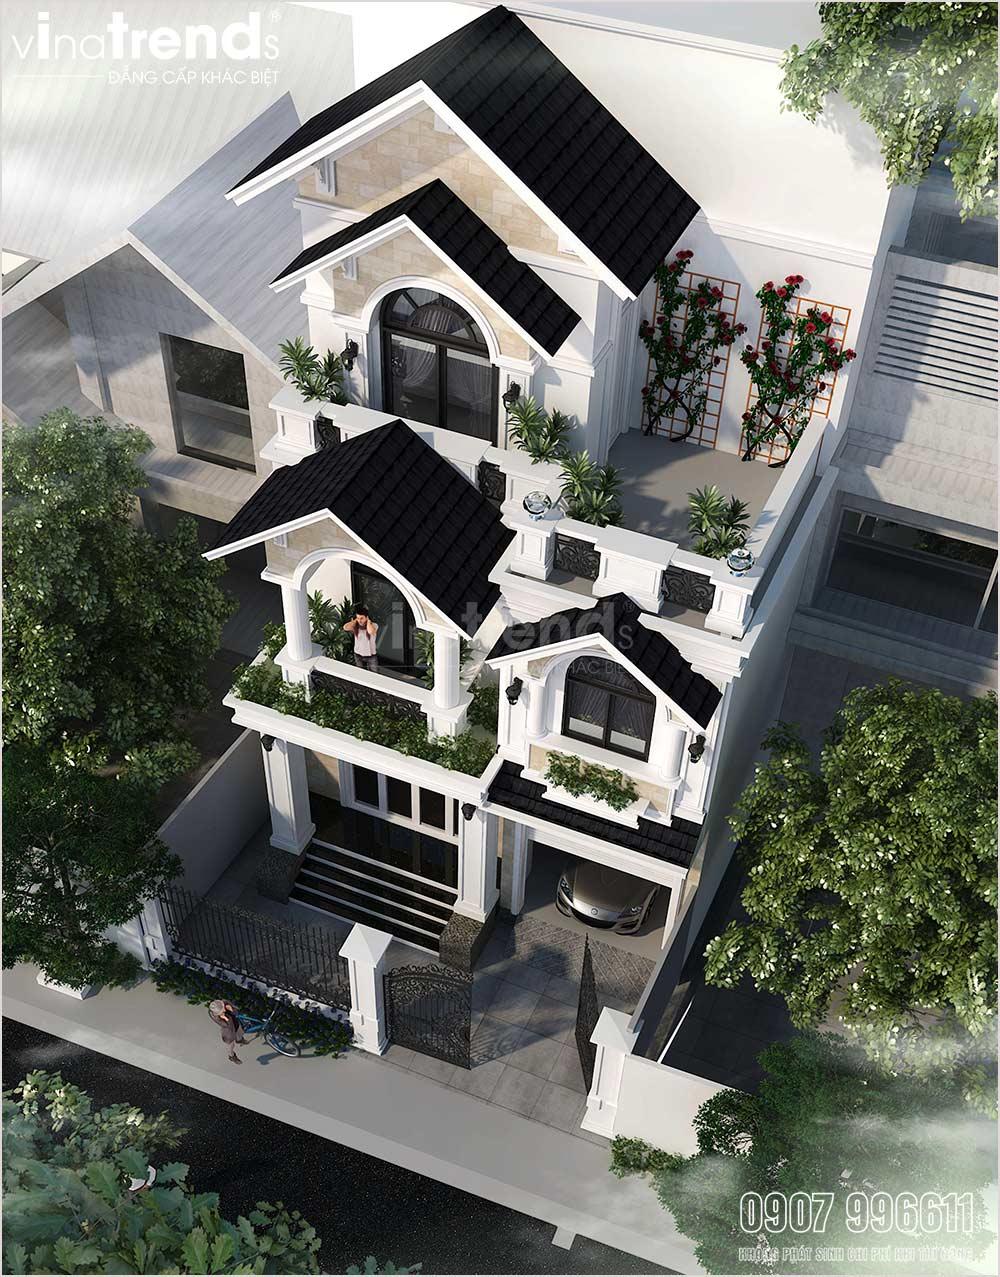 mau nha biet thu 3 tang mai thai tan co dien mat tien 7m dep 2 Mẫu biệt thự 3 tầng mái thái tân cổ điển 7mx15m đẹp nhất nhì khu dân cư chợ Tân Phong Biên Hòa